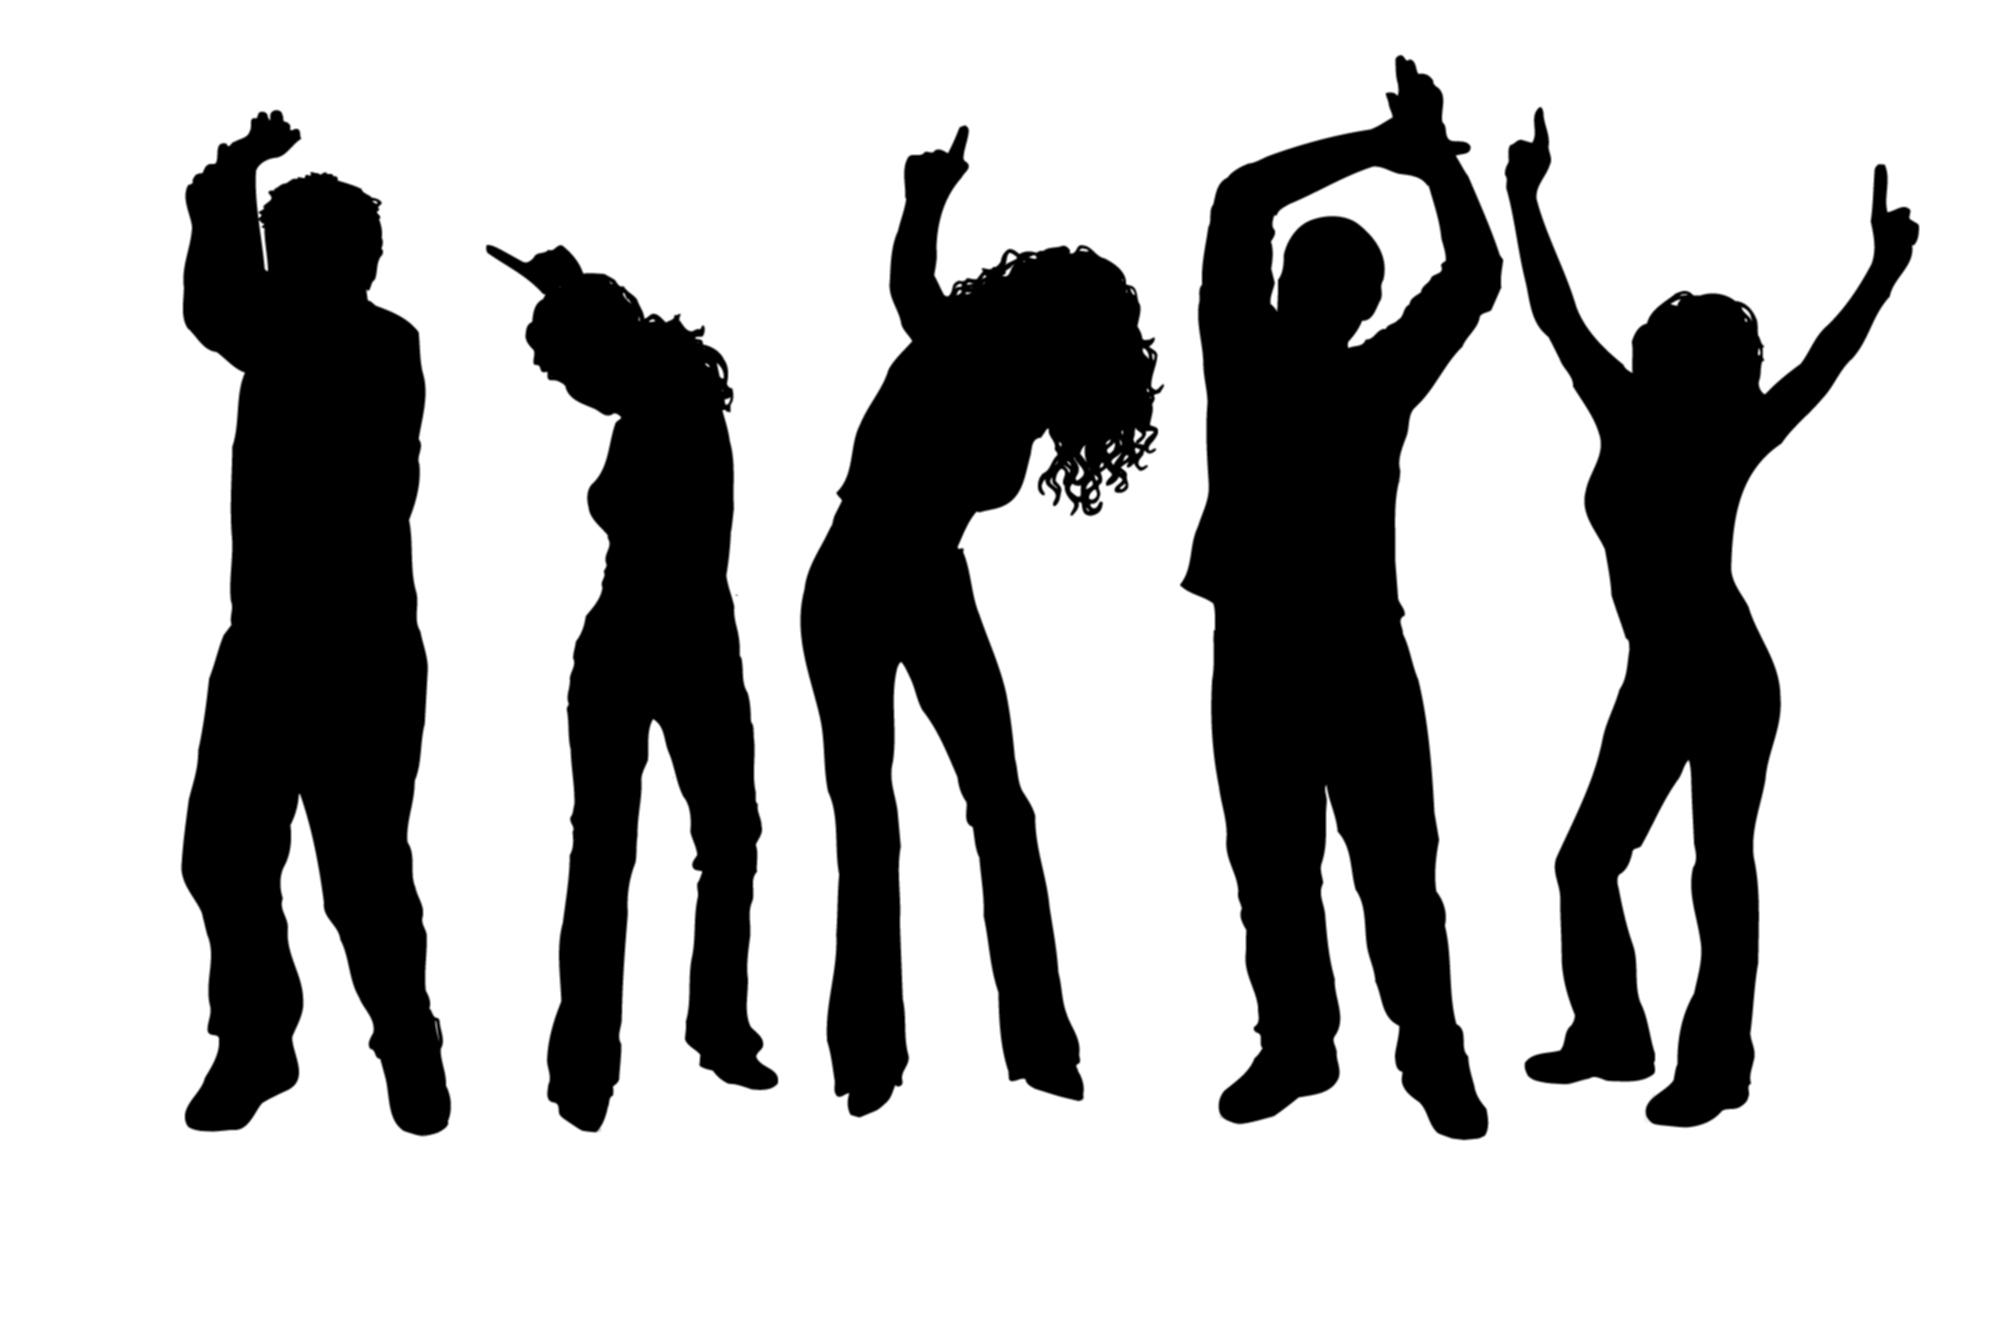 Dance Clip Art Dance Party Jpg-Dance Clip Art Dance Party Jpg-2